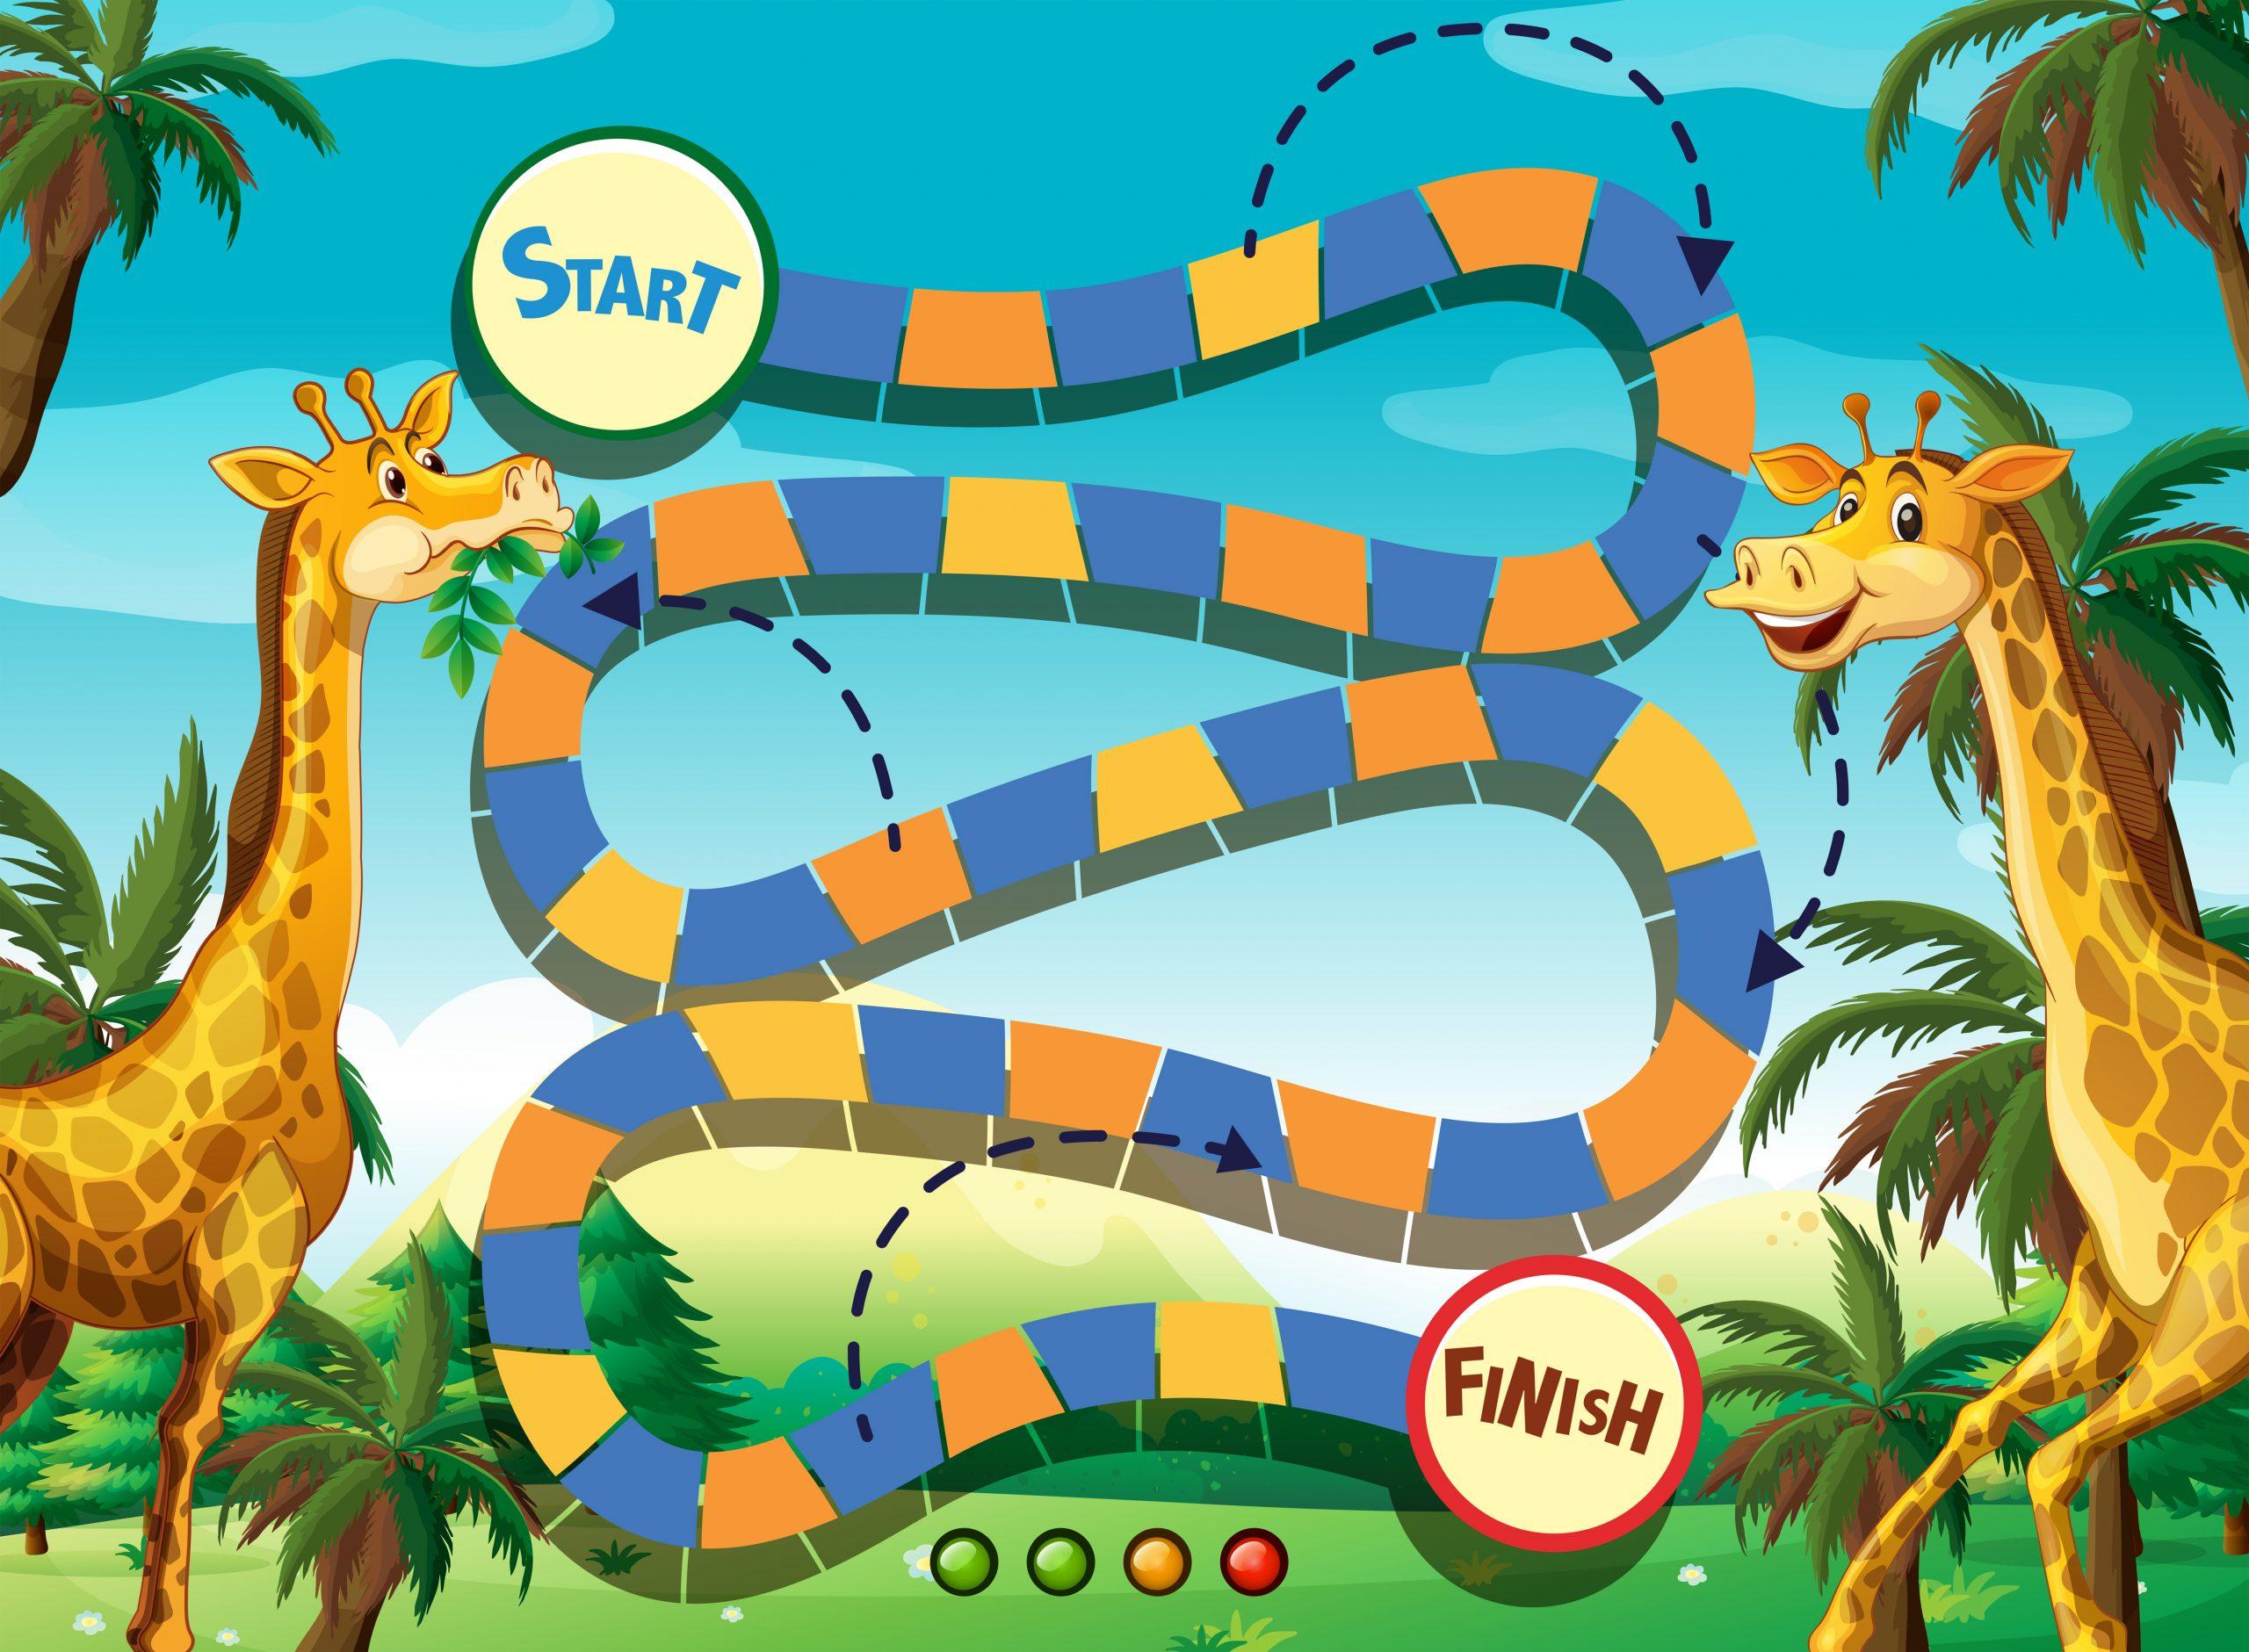 Modèle De Jeu Avec Girafe Dans Le Fond De La Jungle intérieur Jeux De Girafe Gratuit